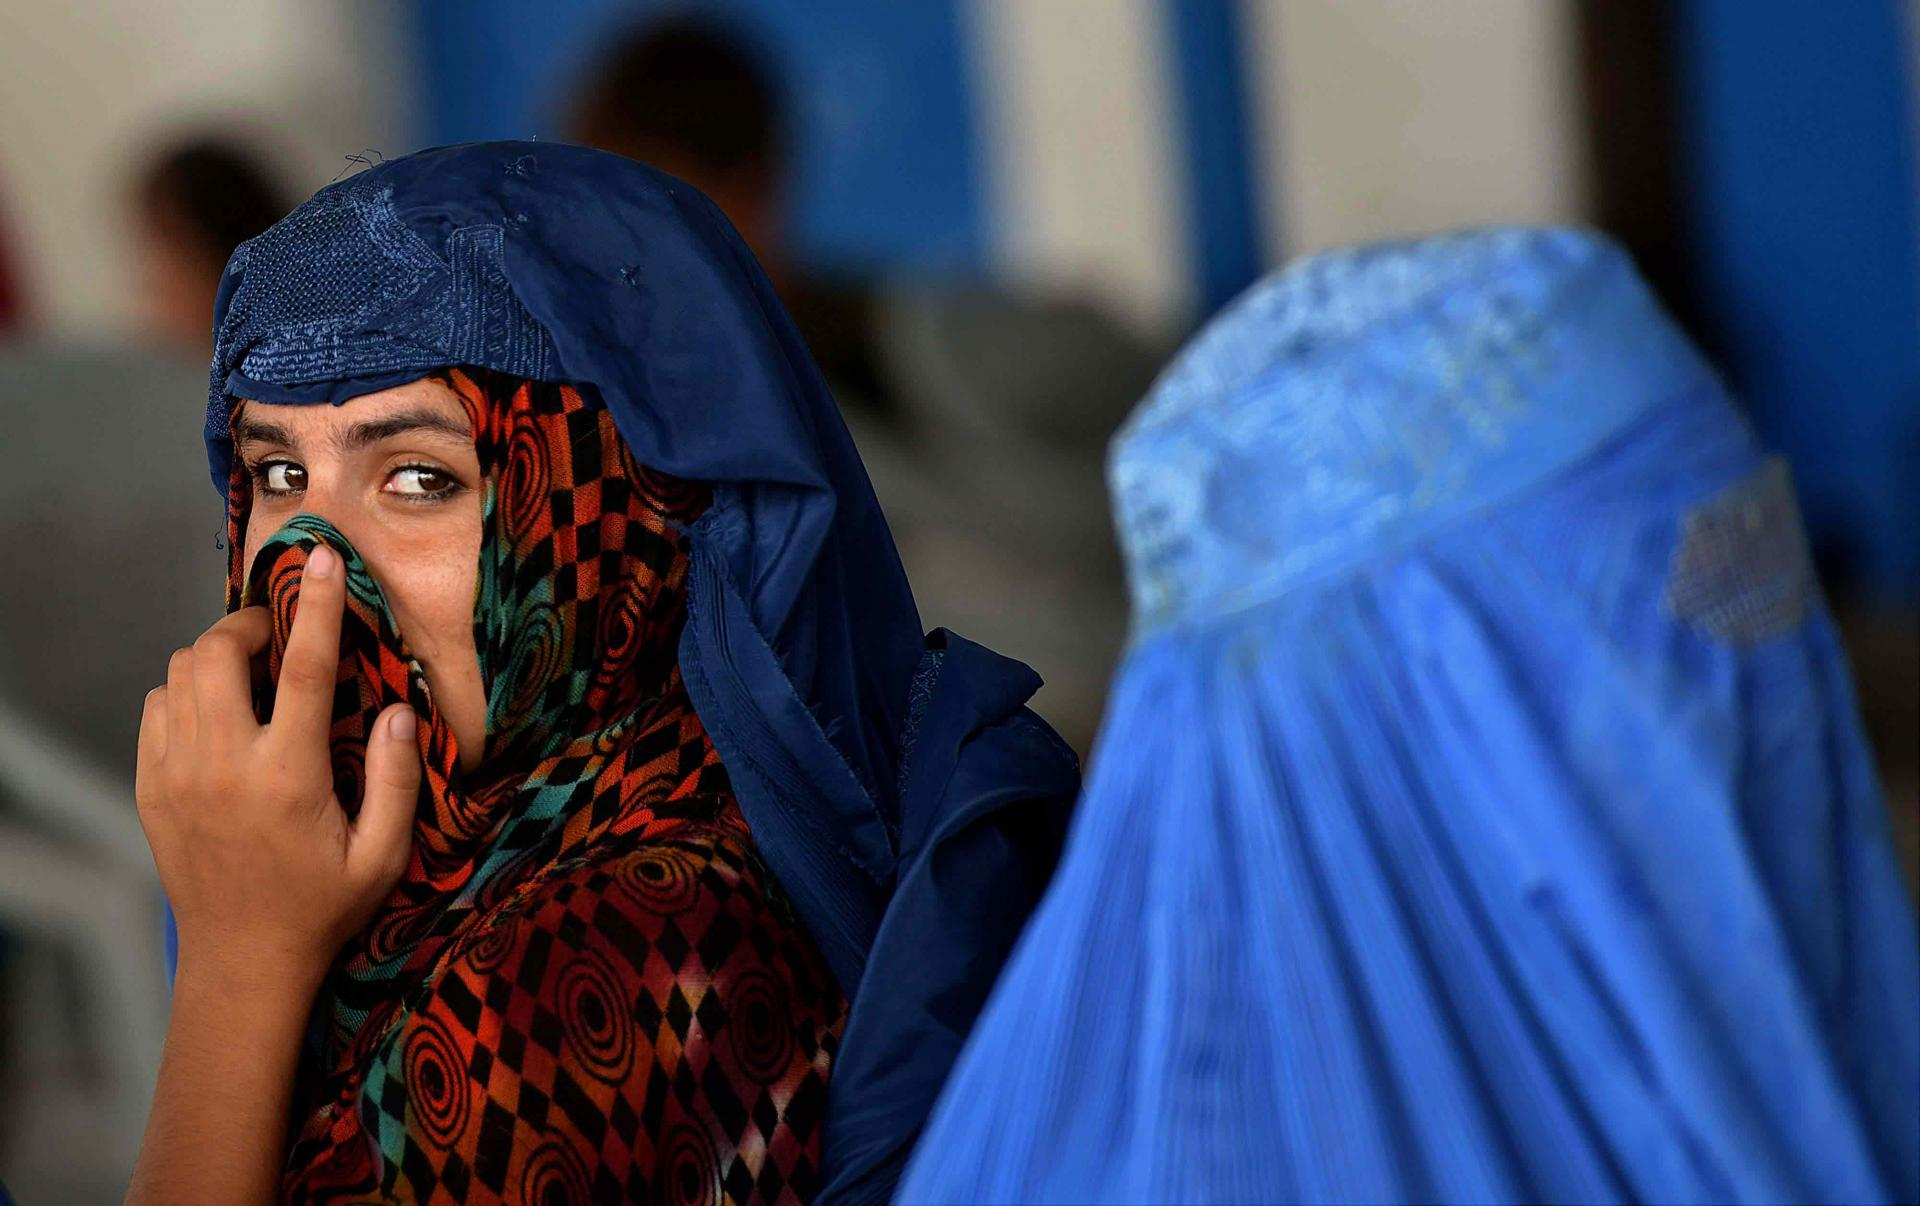 В Афганистане резко выросли цены на паранджу после прихода к власти талибов